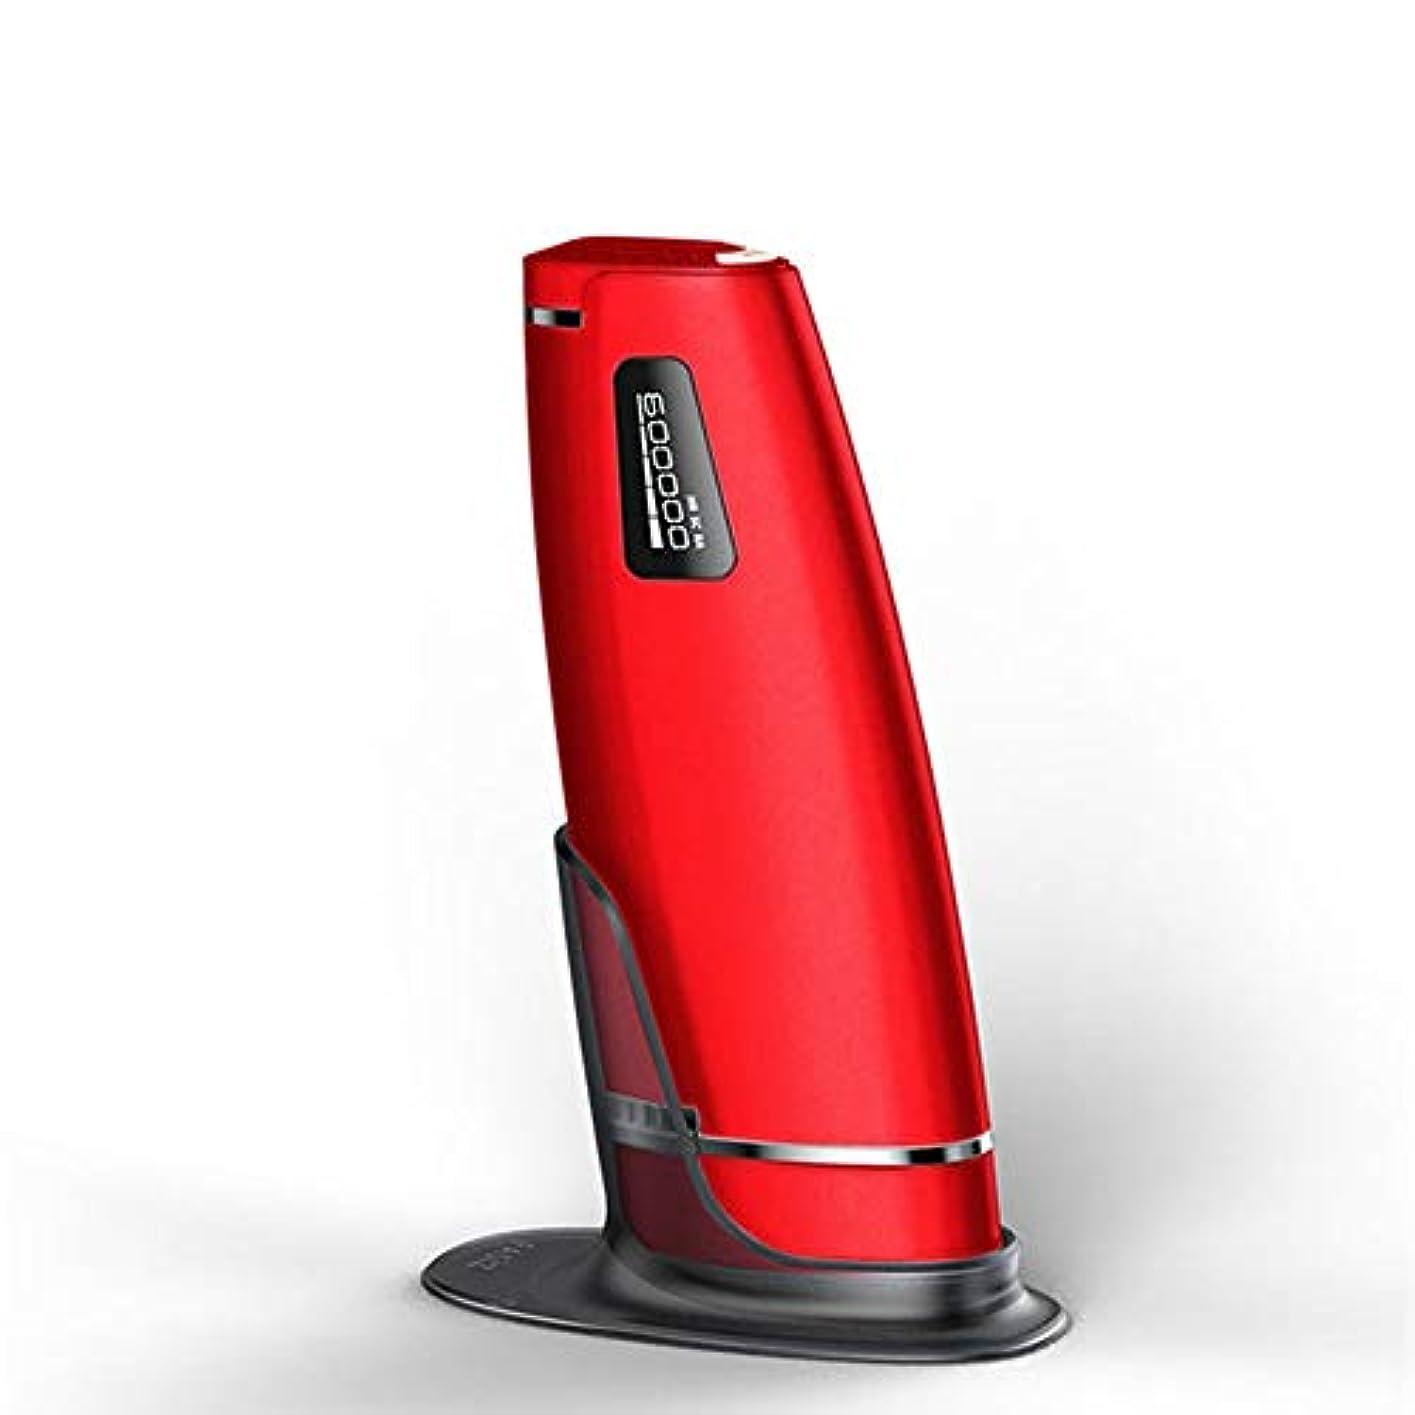 関数一元化する好意的赤、デュアルモード、ホームオートマチック無痛脱毛剤、携帯用永久脱毛剤、5スピード調整、サイズ20.5 X 4.5 X 7 Cm 安全性 (Color : Red)